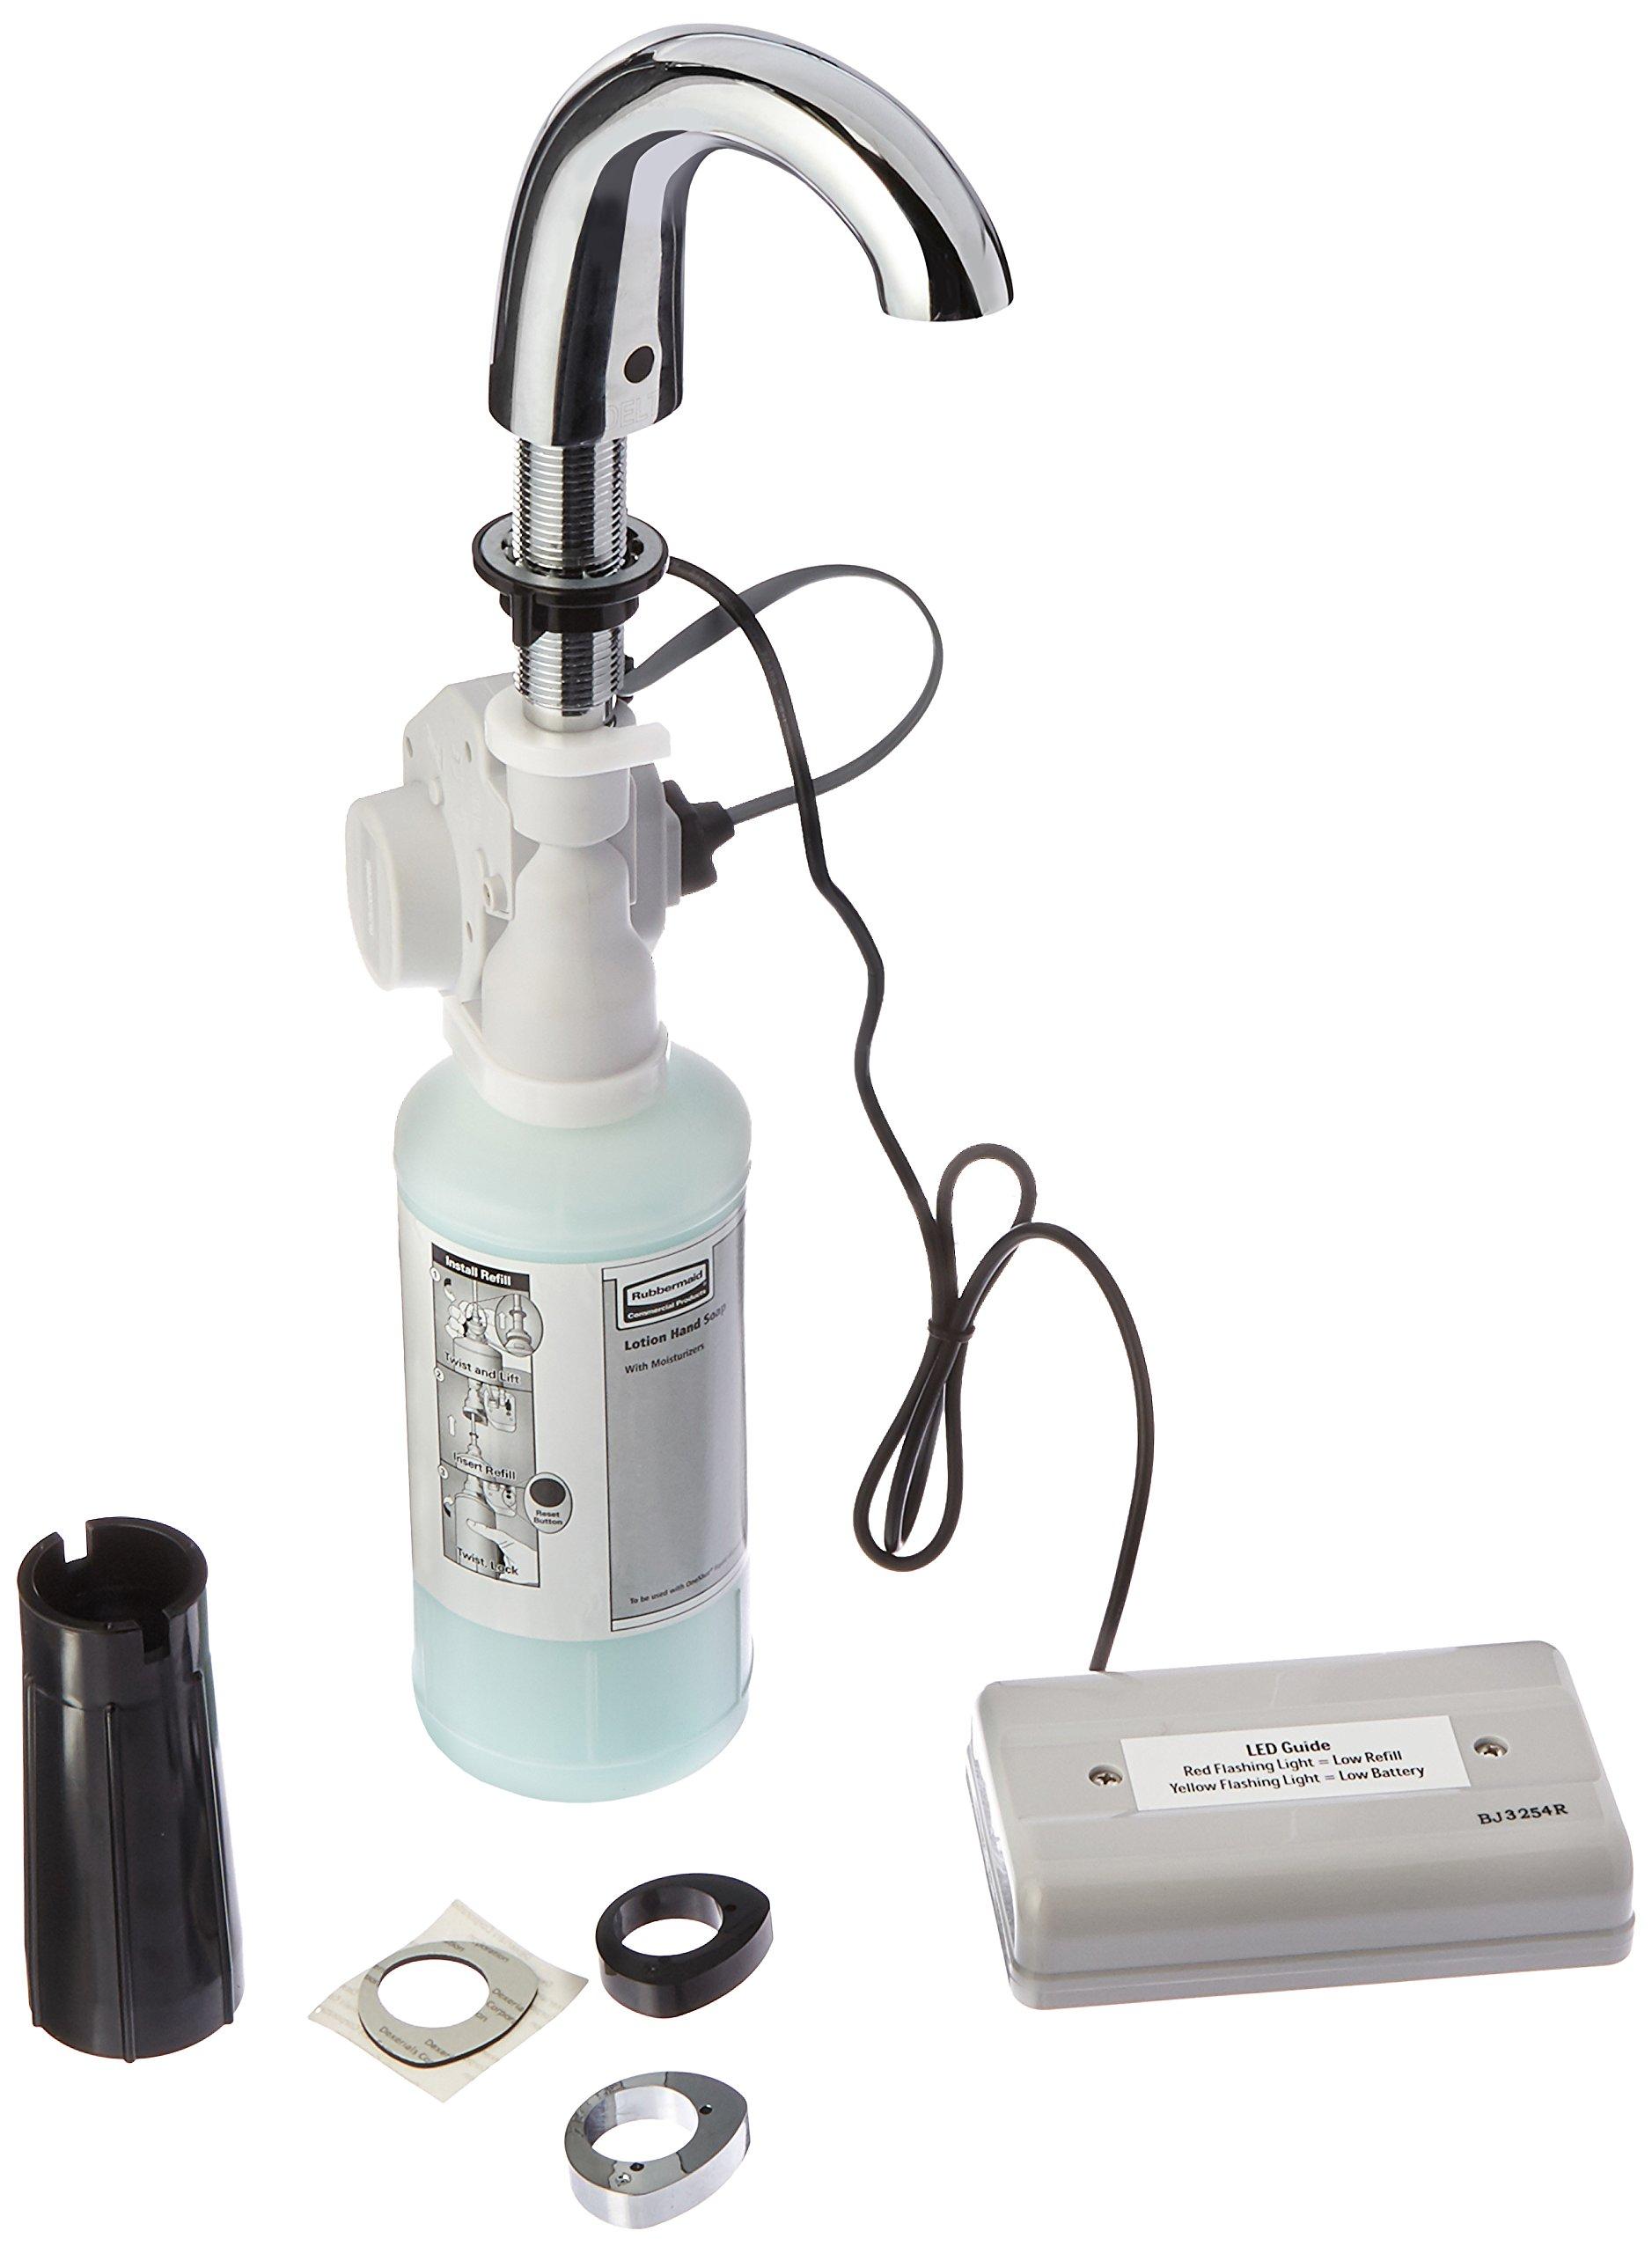 Delta Faucet DESD-550 Electronics, Electronic Soap Dispenser, Chrome by DELTA FAUCET